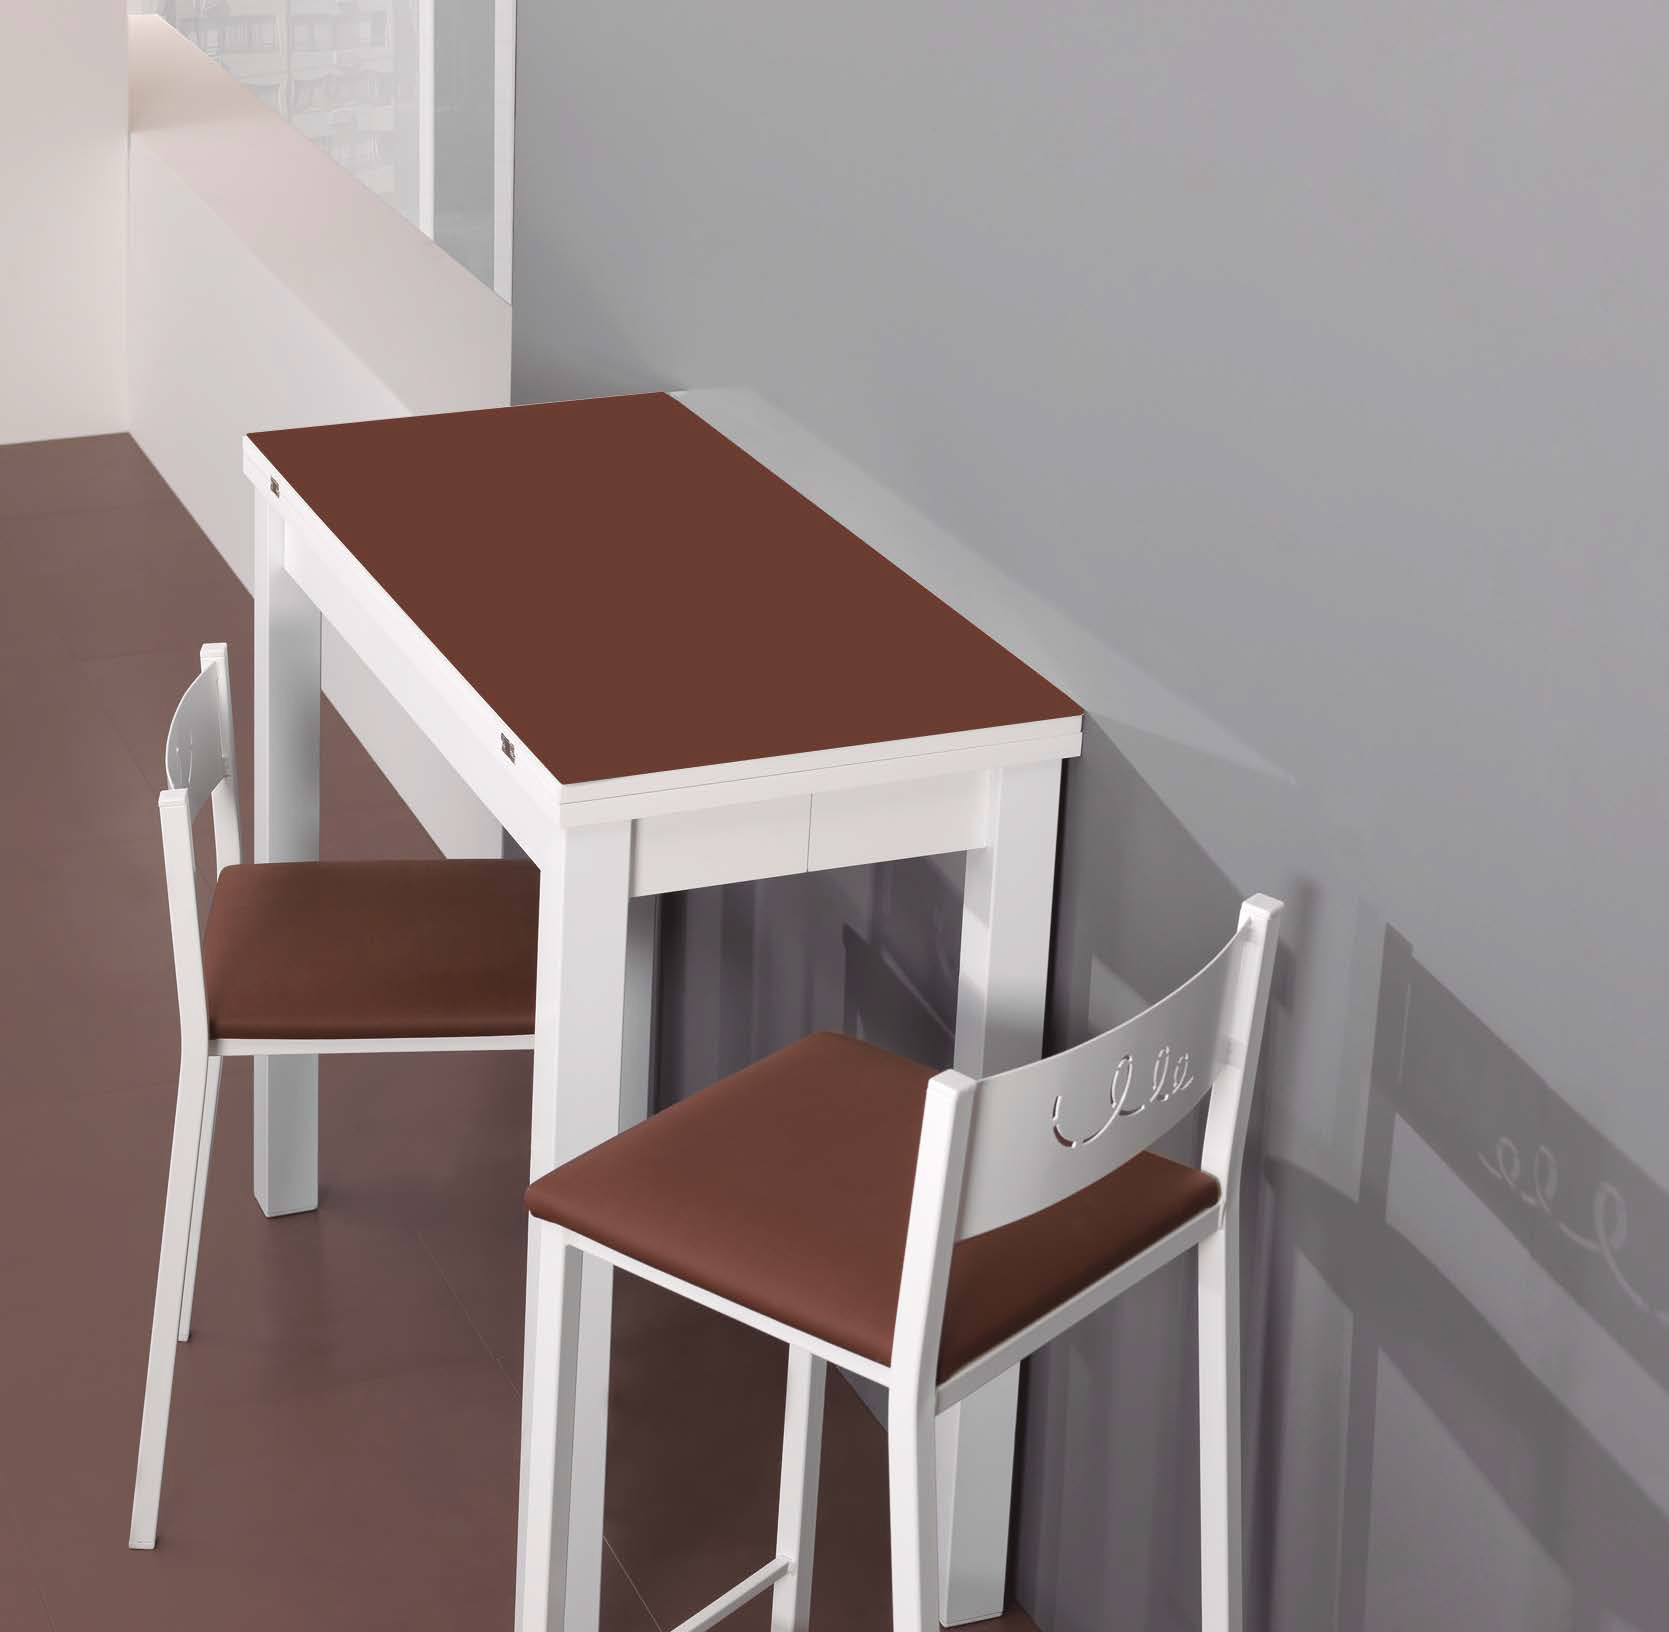 mesas-y-sillas-de-cocina-Low-2018-muebles-paco-caballero-209-5c9524636bd20